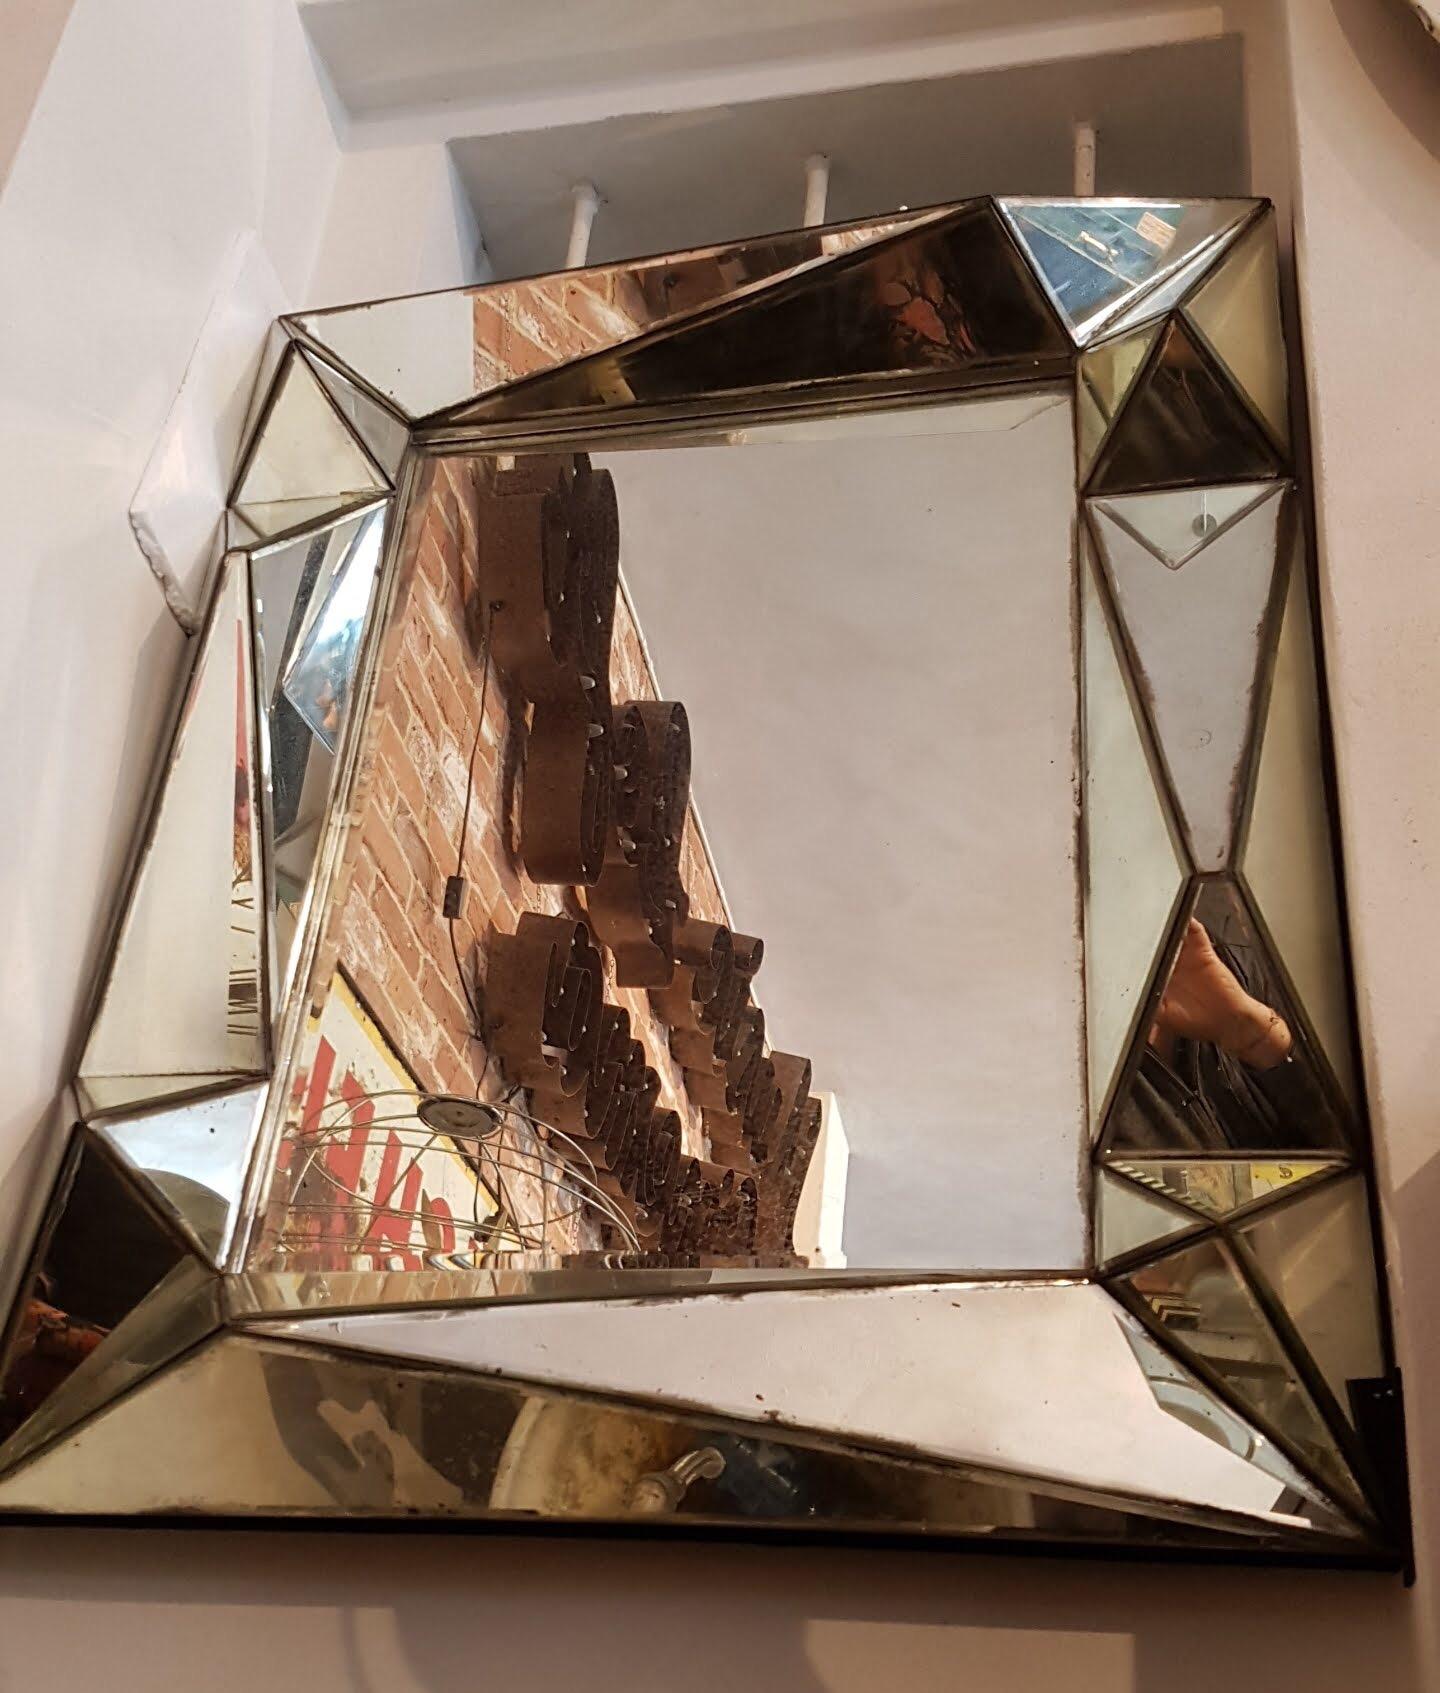 Specchio diamante neoretr - Specchi pubblicitari vintage ...